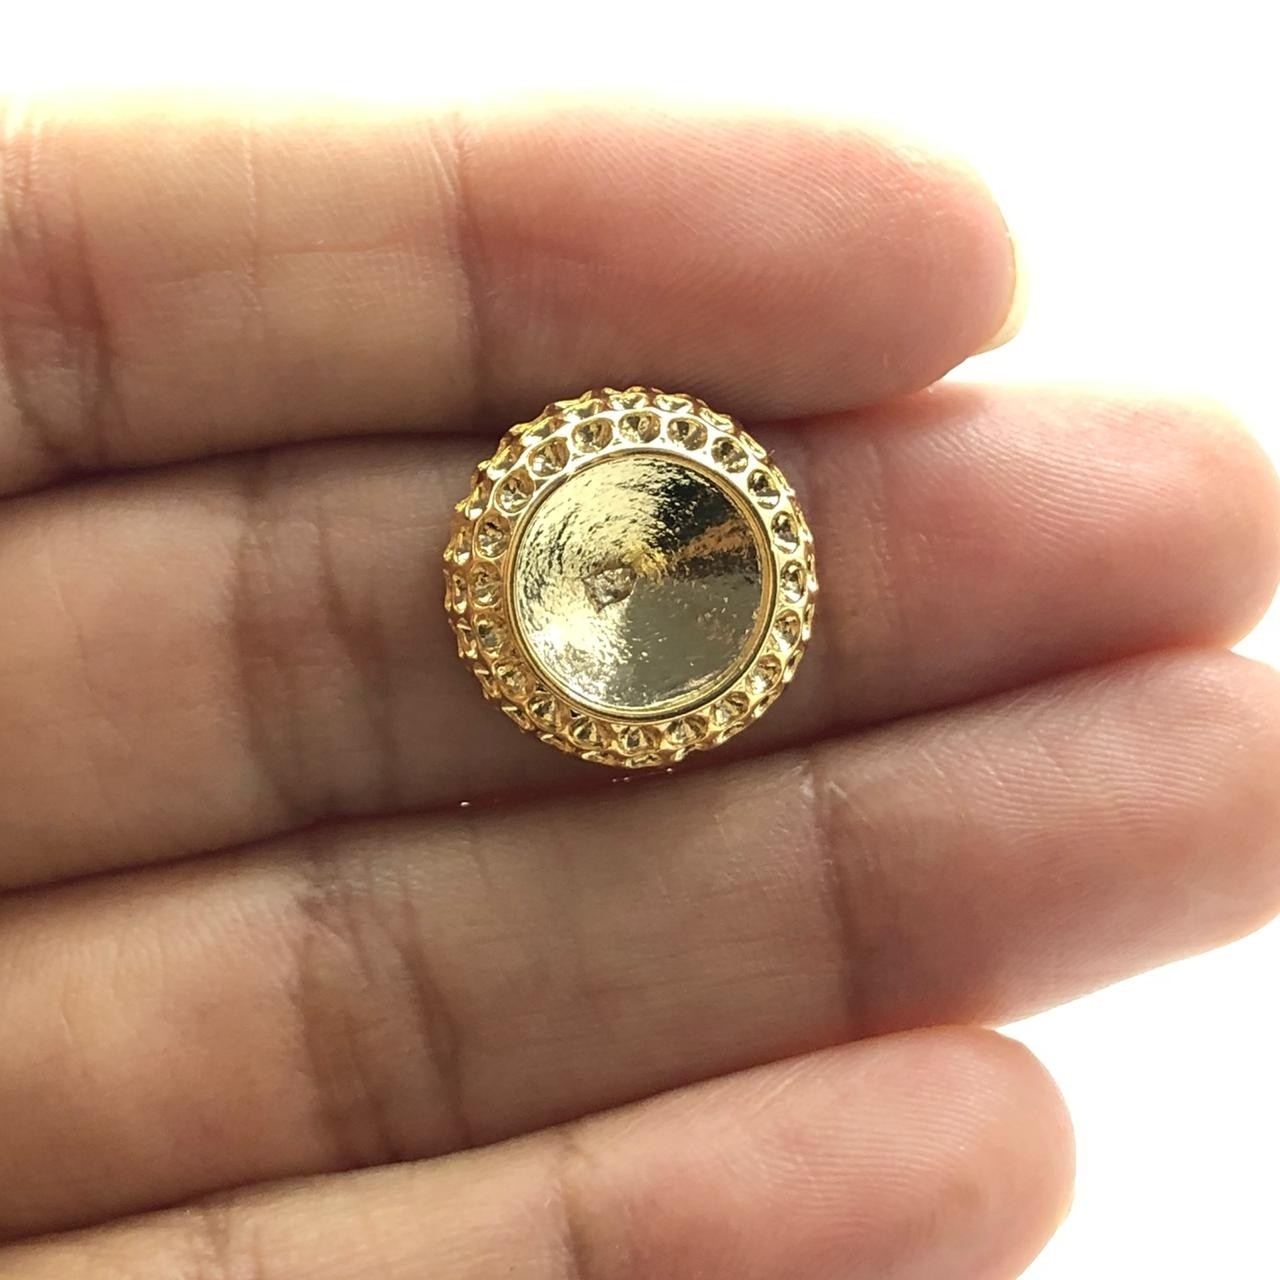 BP1372 - Base de Brinco Redondo Banhado Cor Dourado - 01Par